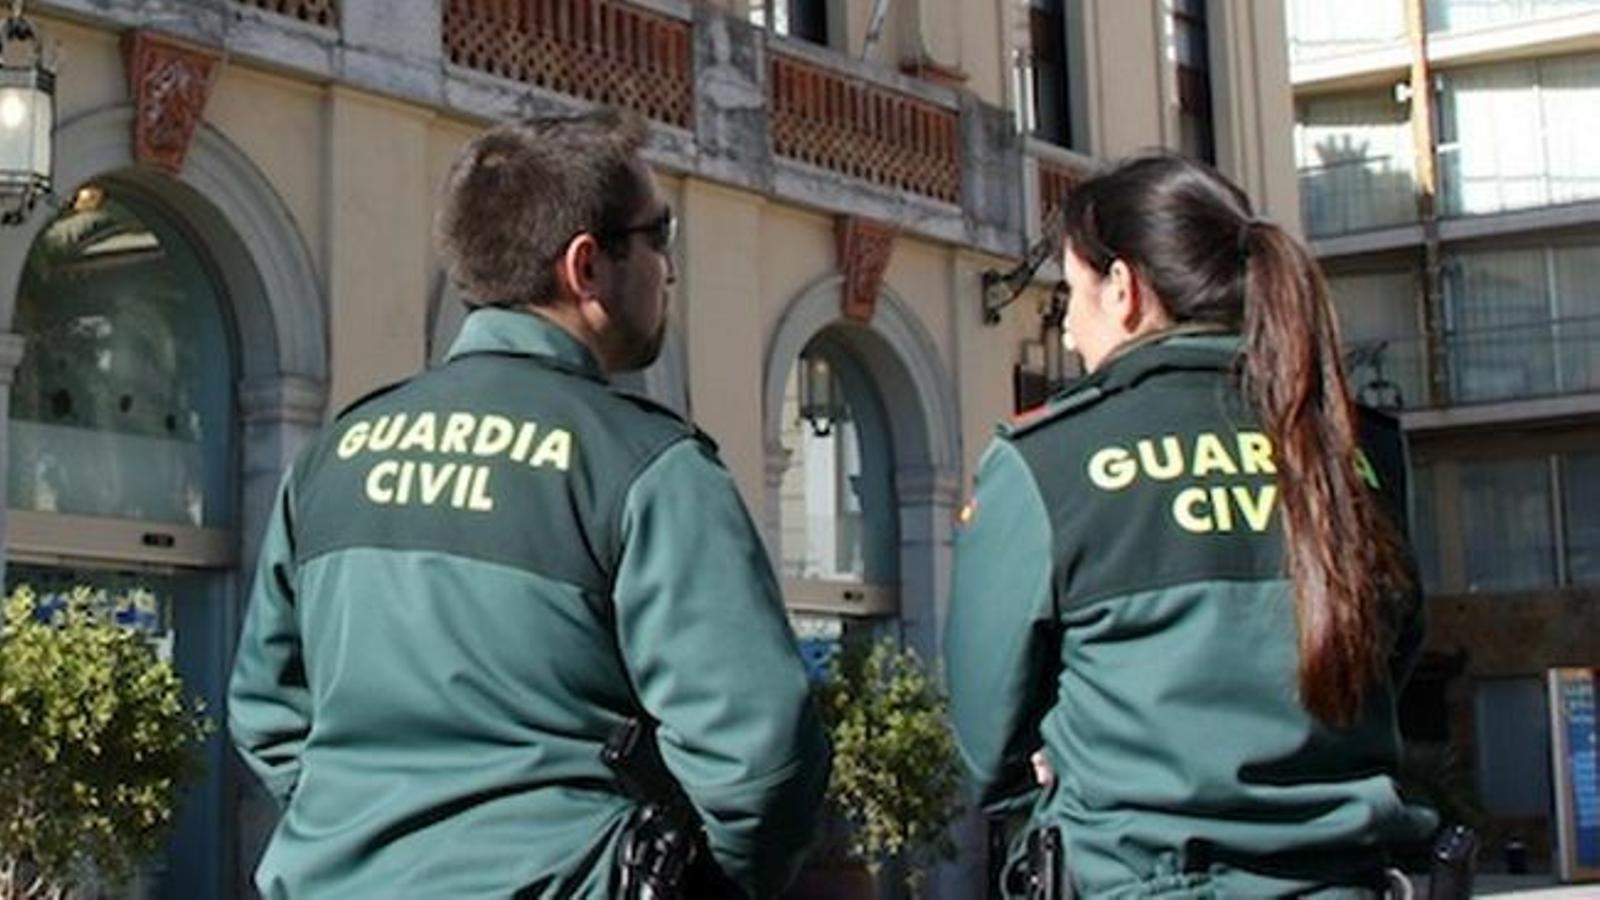 Dos guàrdies civils, en una imatge d'arxiu